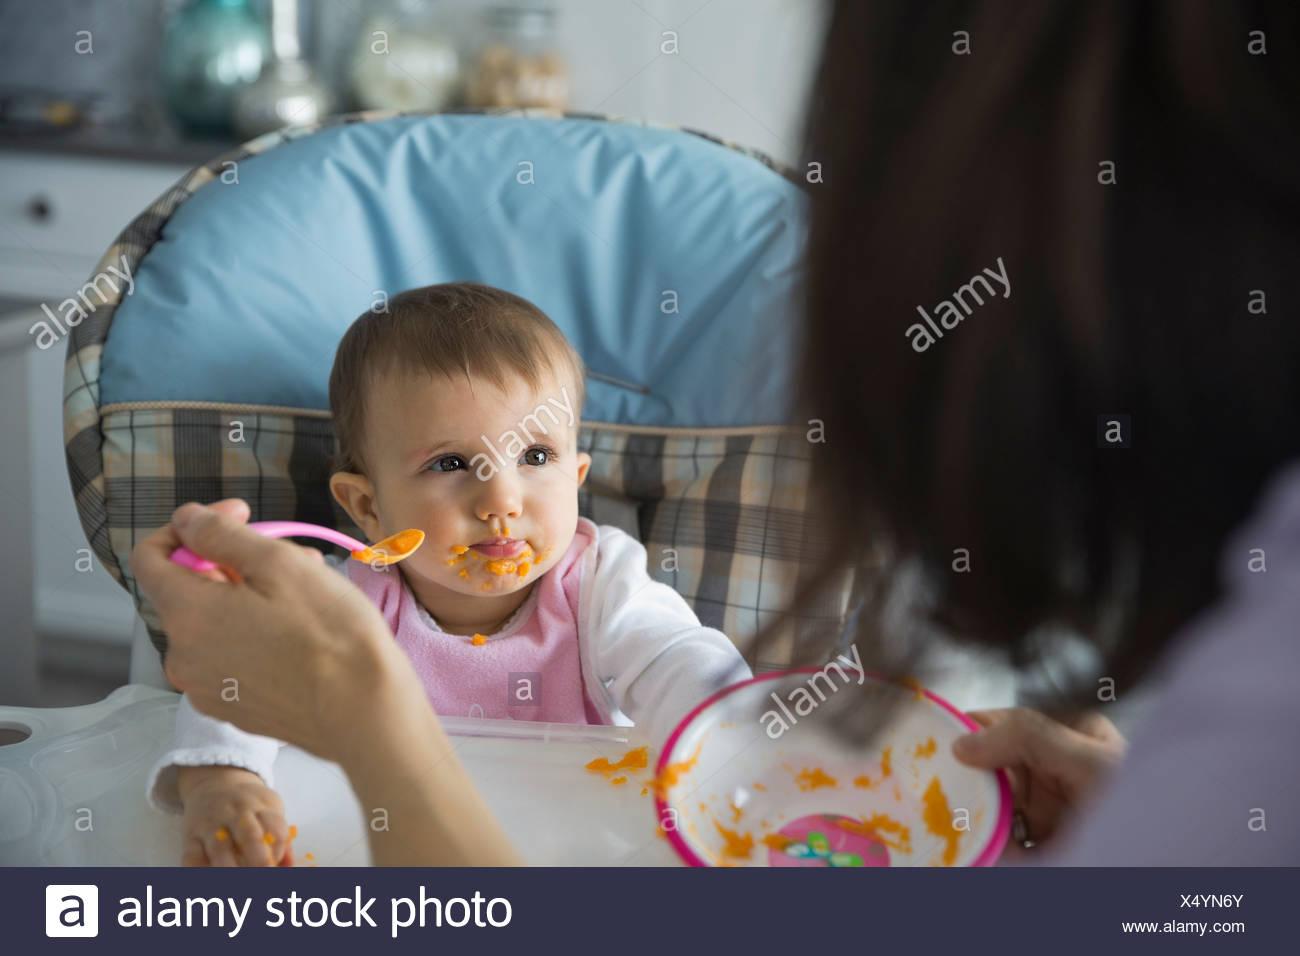 Niedlichen Mädchen von zu Hause Mutter gefüttert Stockbild